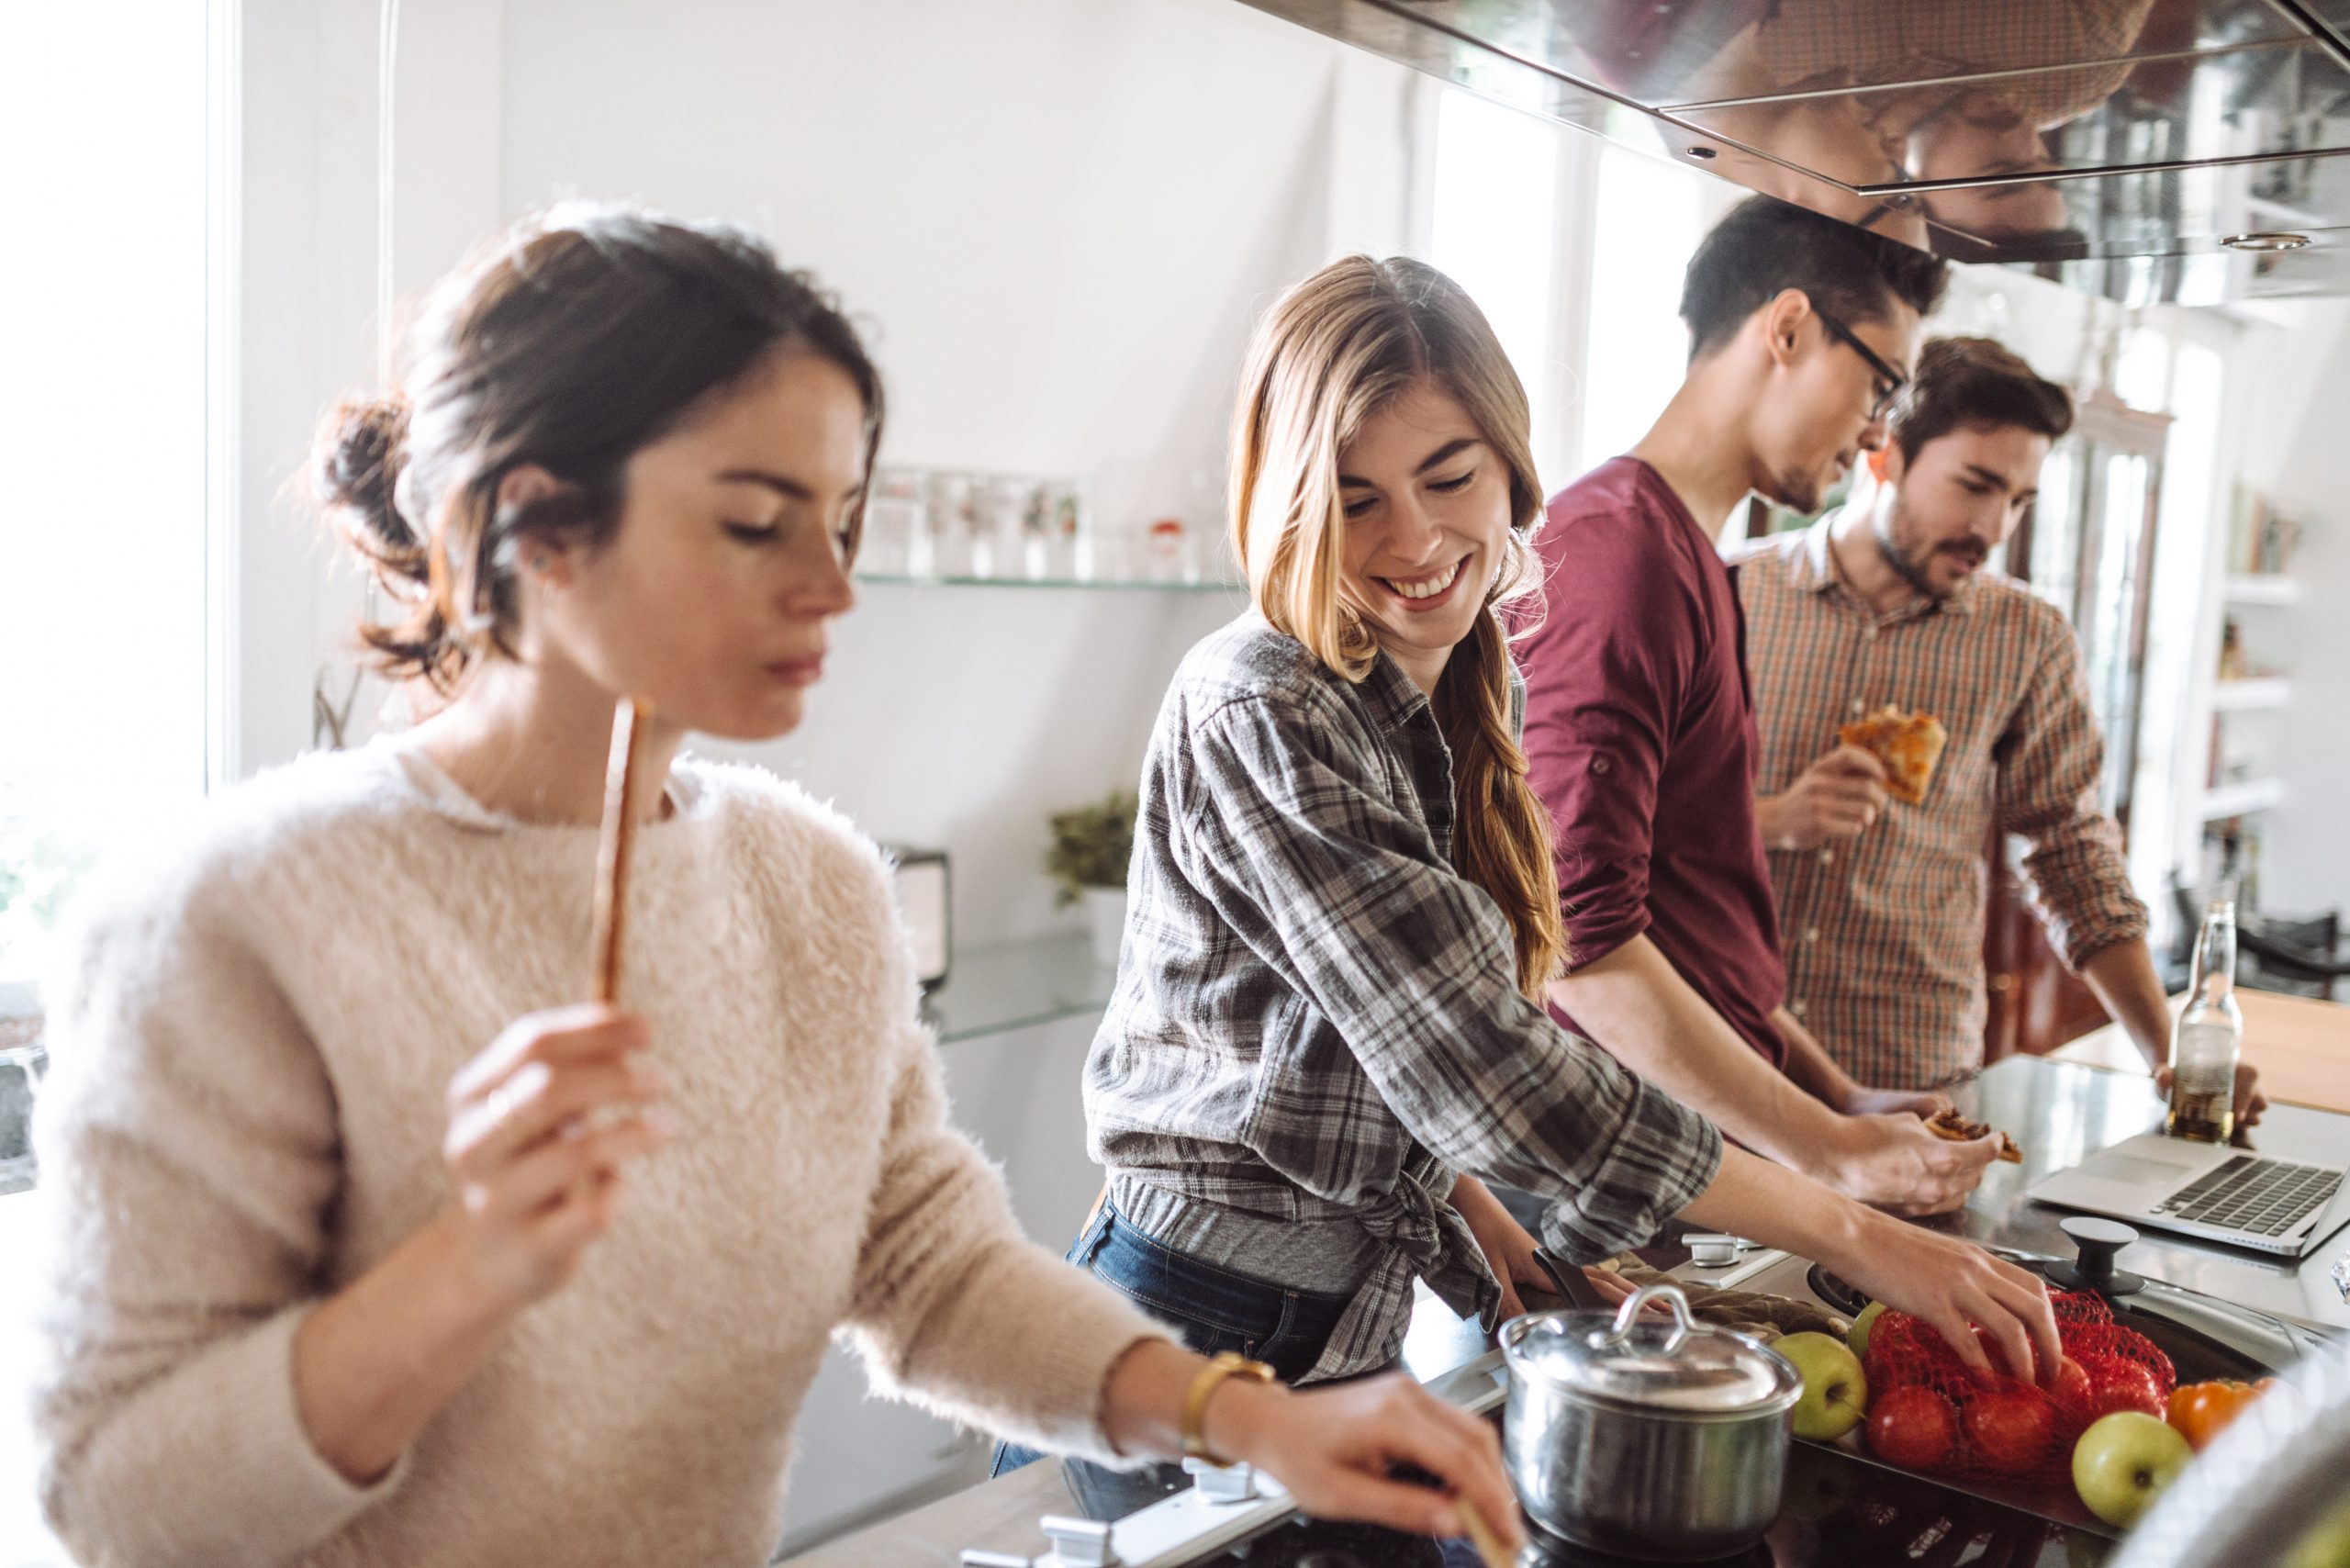 Paar kocht mit Freunden: Ihre Psyche ist vom unerfüllten Kinderwunsch nicht betroffen.